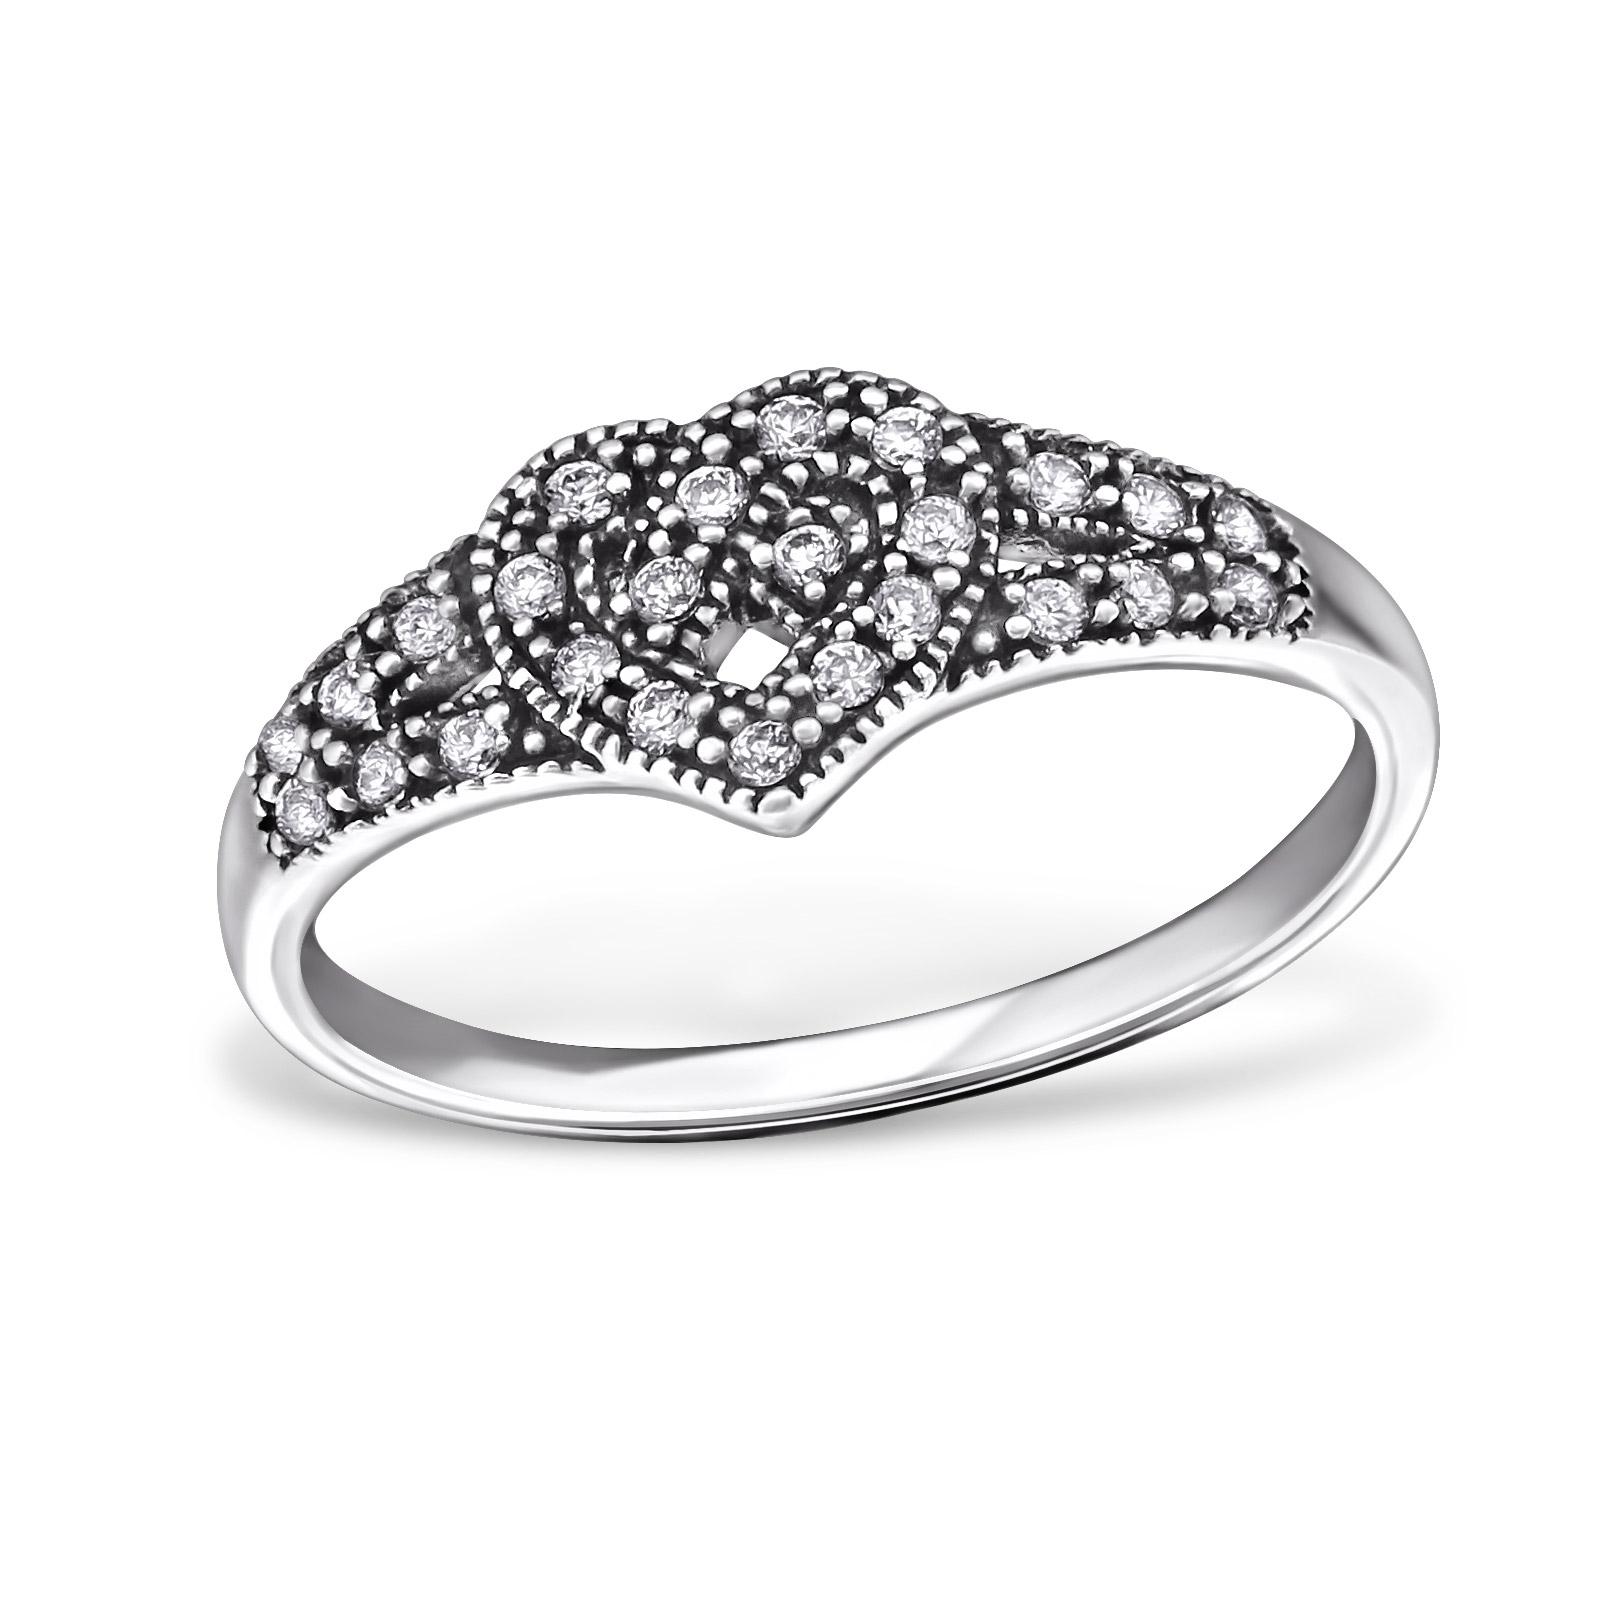 OLIVIE - stříbrný prsten 0216 Velikost: 8 (EU: 57 - 58)